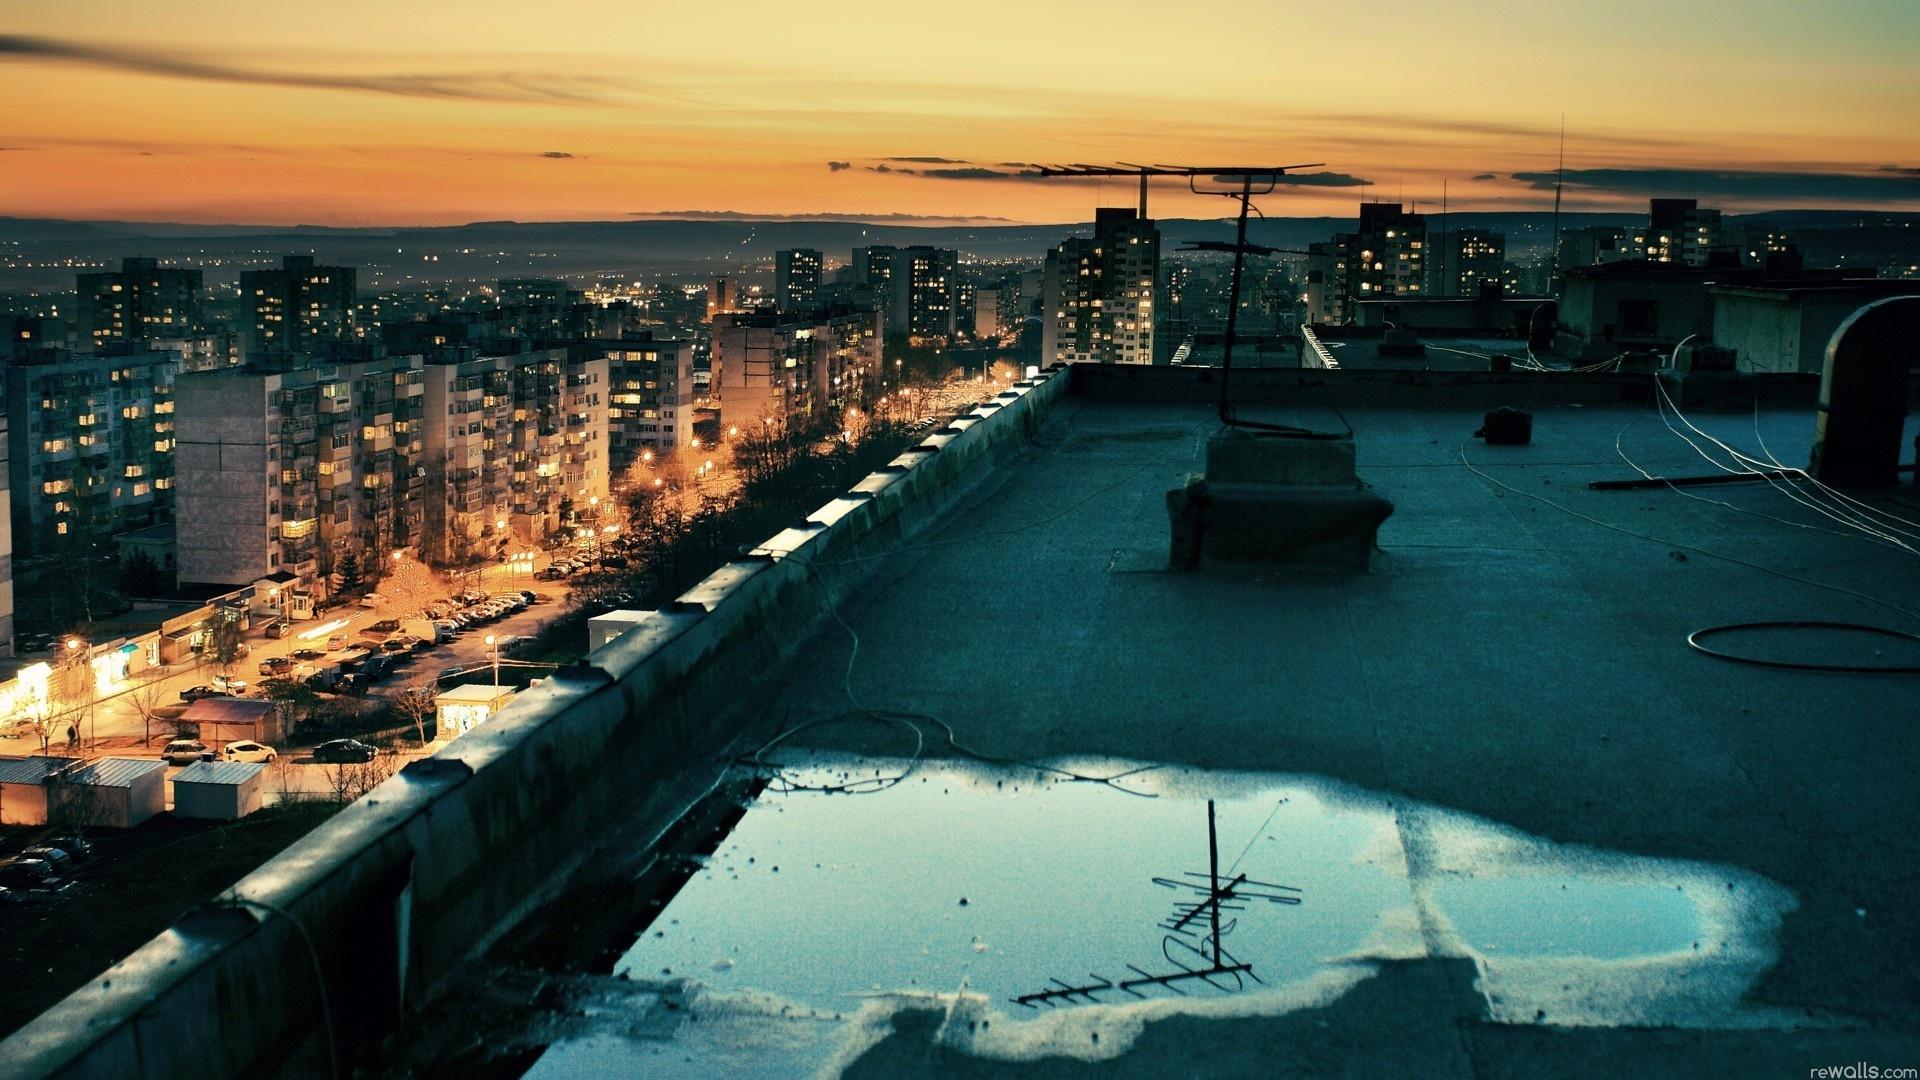 Обои дома, крыша, Город. Города foto 6